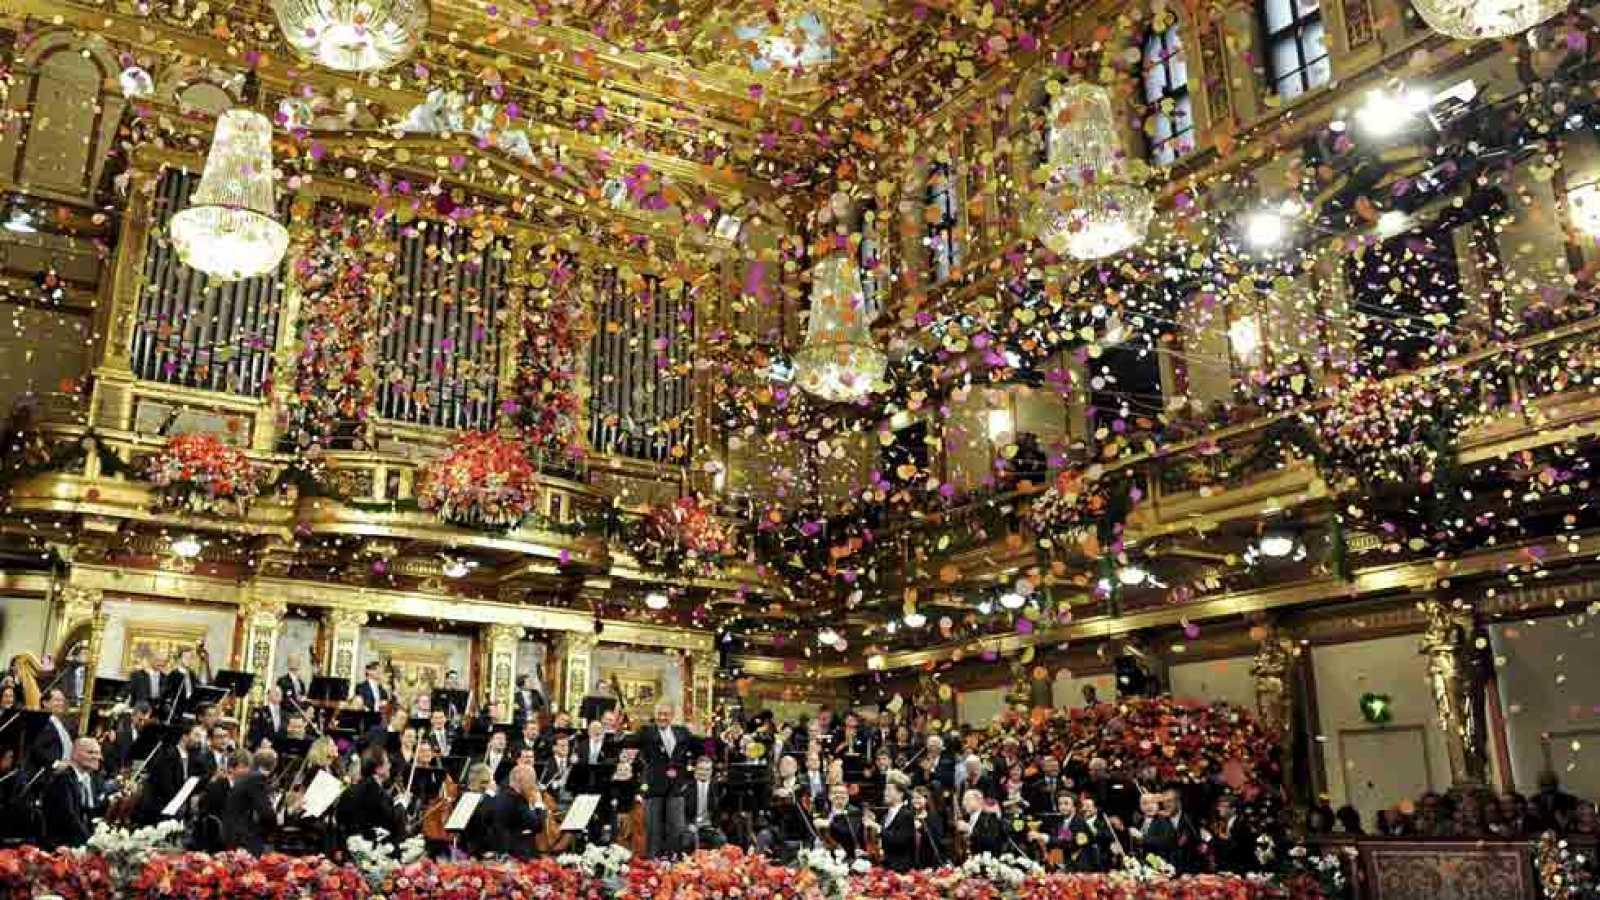 El concierto de año nuevo de Viena, protagonizado por vals ...